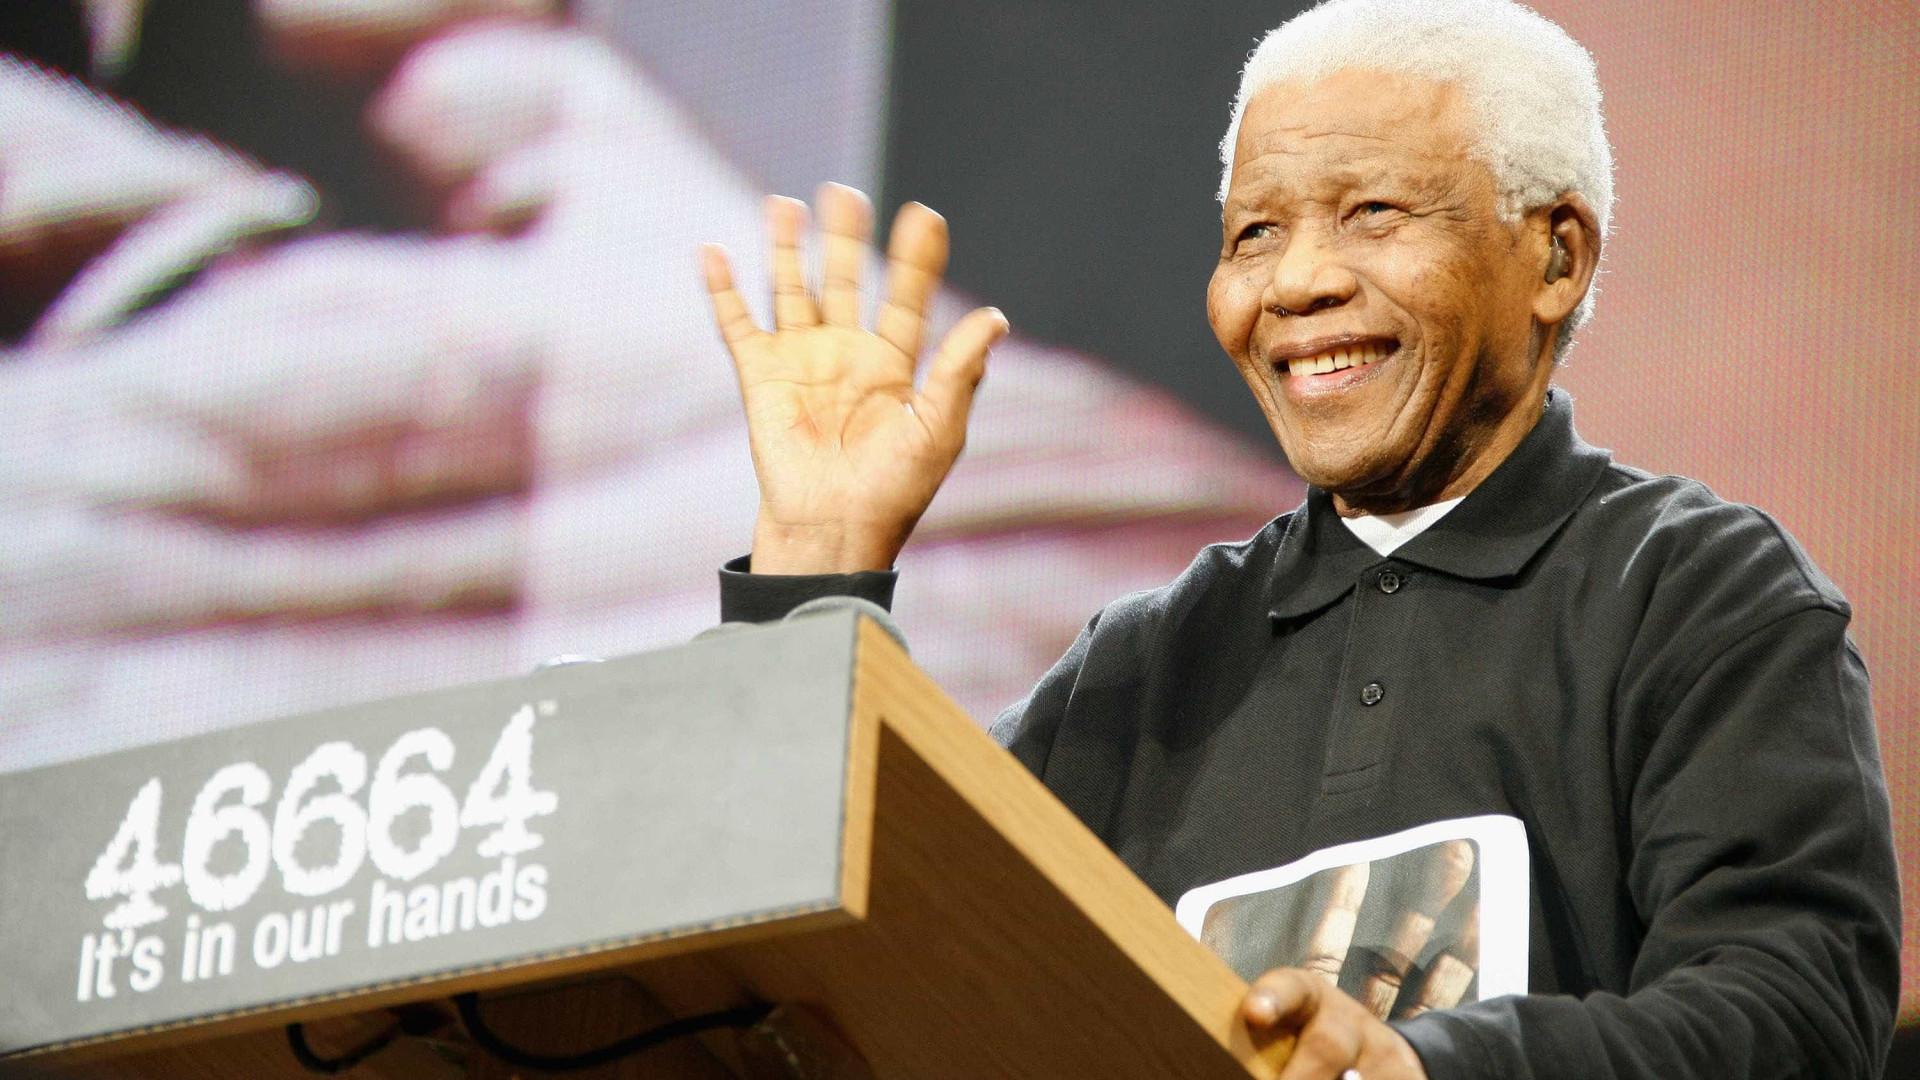 Emitida série comemorativa do centenário do nascimento de Mandela